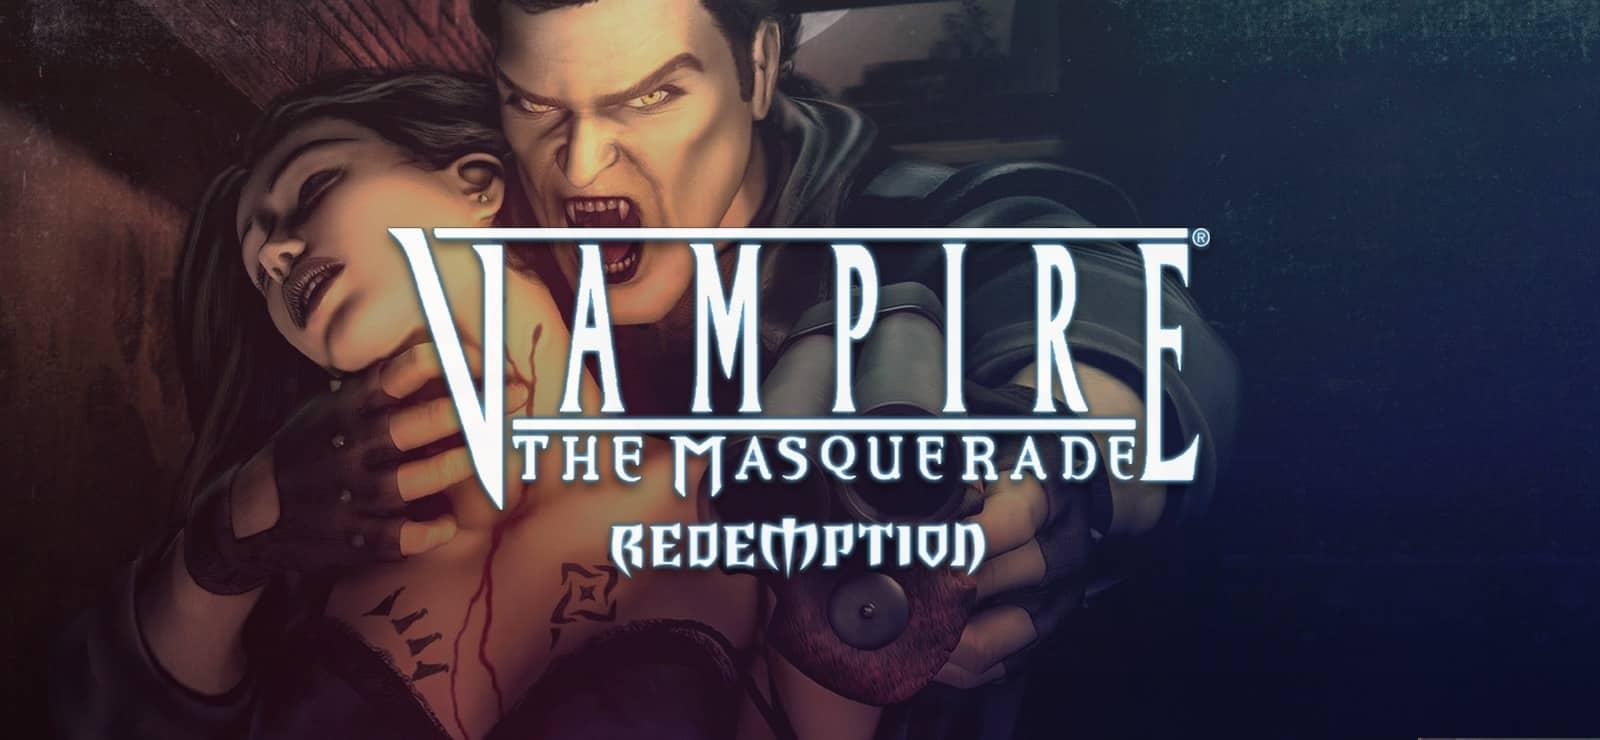 Telltale Vampire: The Masquerade